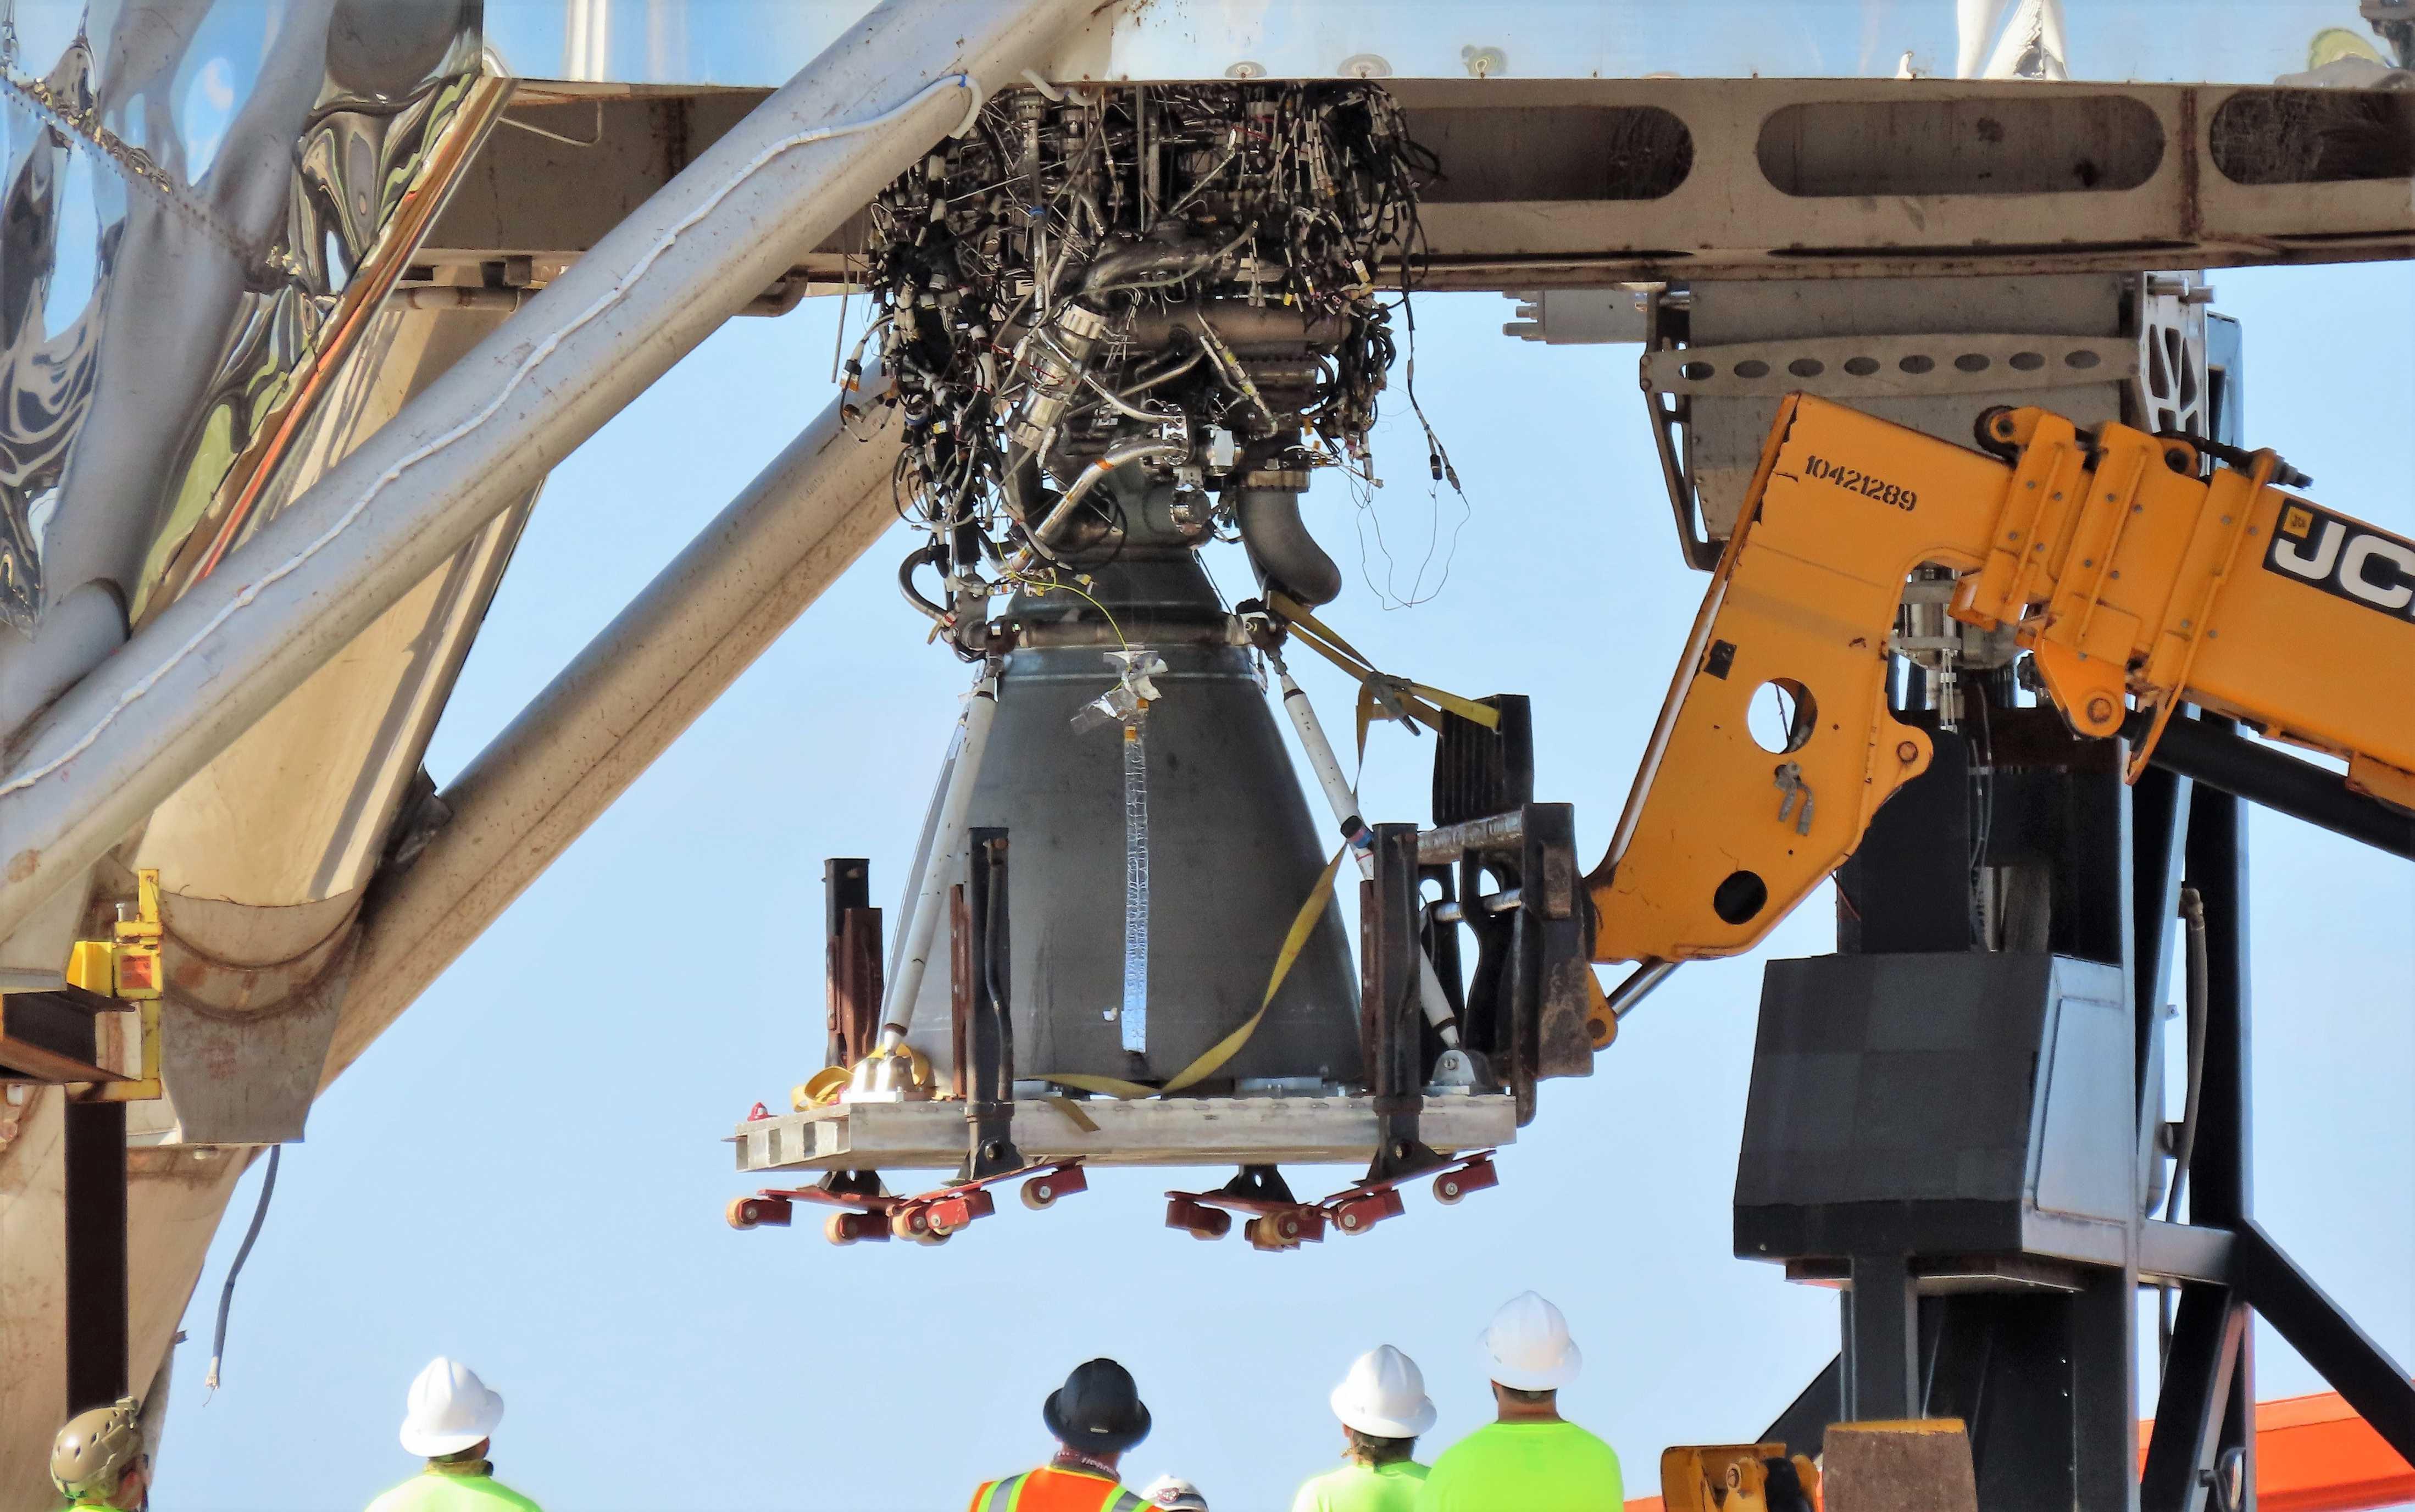 Boca Chica Starhopper Raptor SN06 installation 071119 (NASASpaceflight- bocachicagal) 1 crop (c)